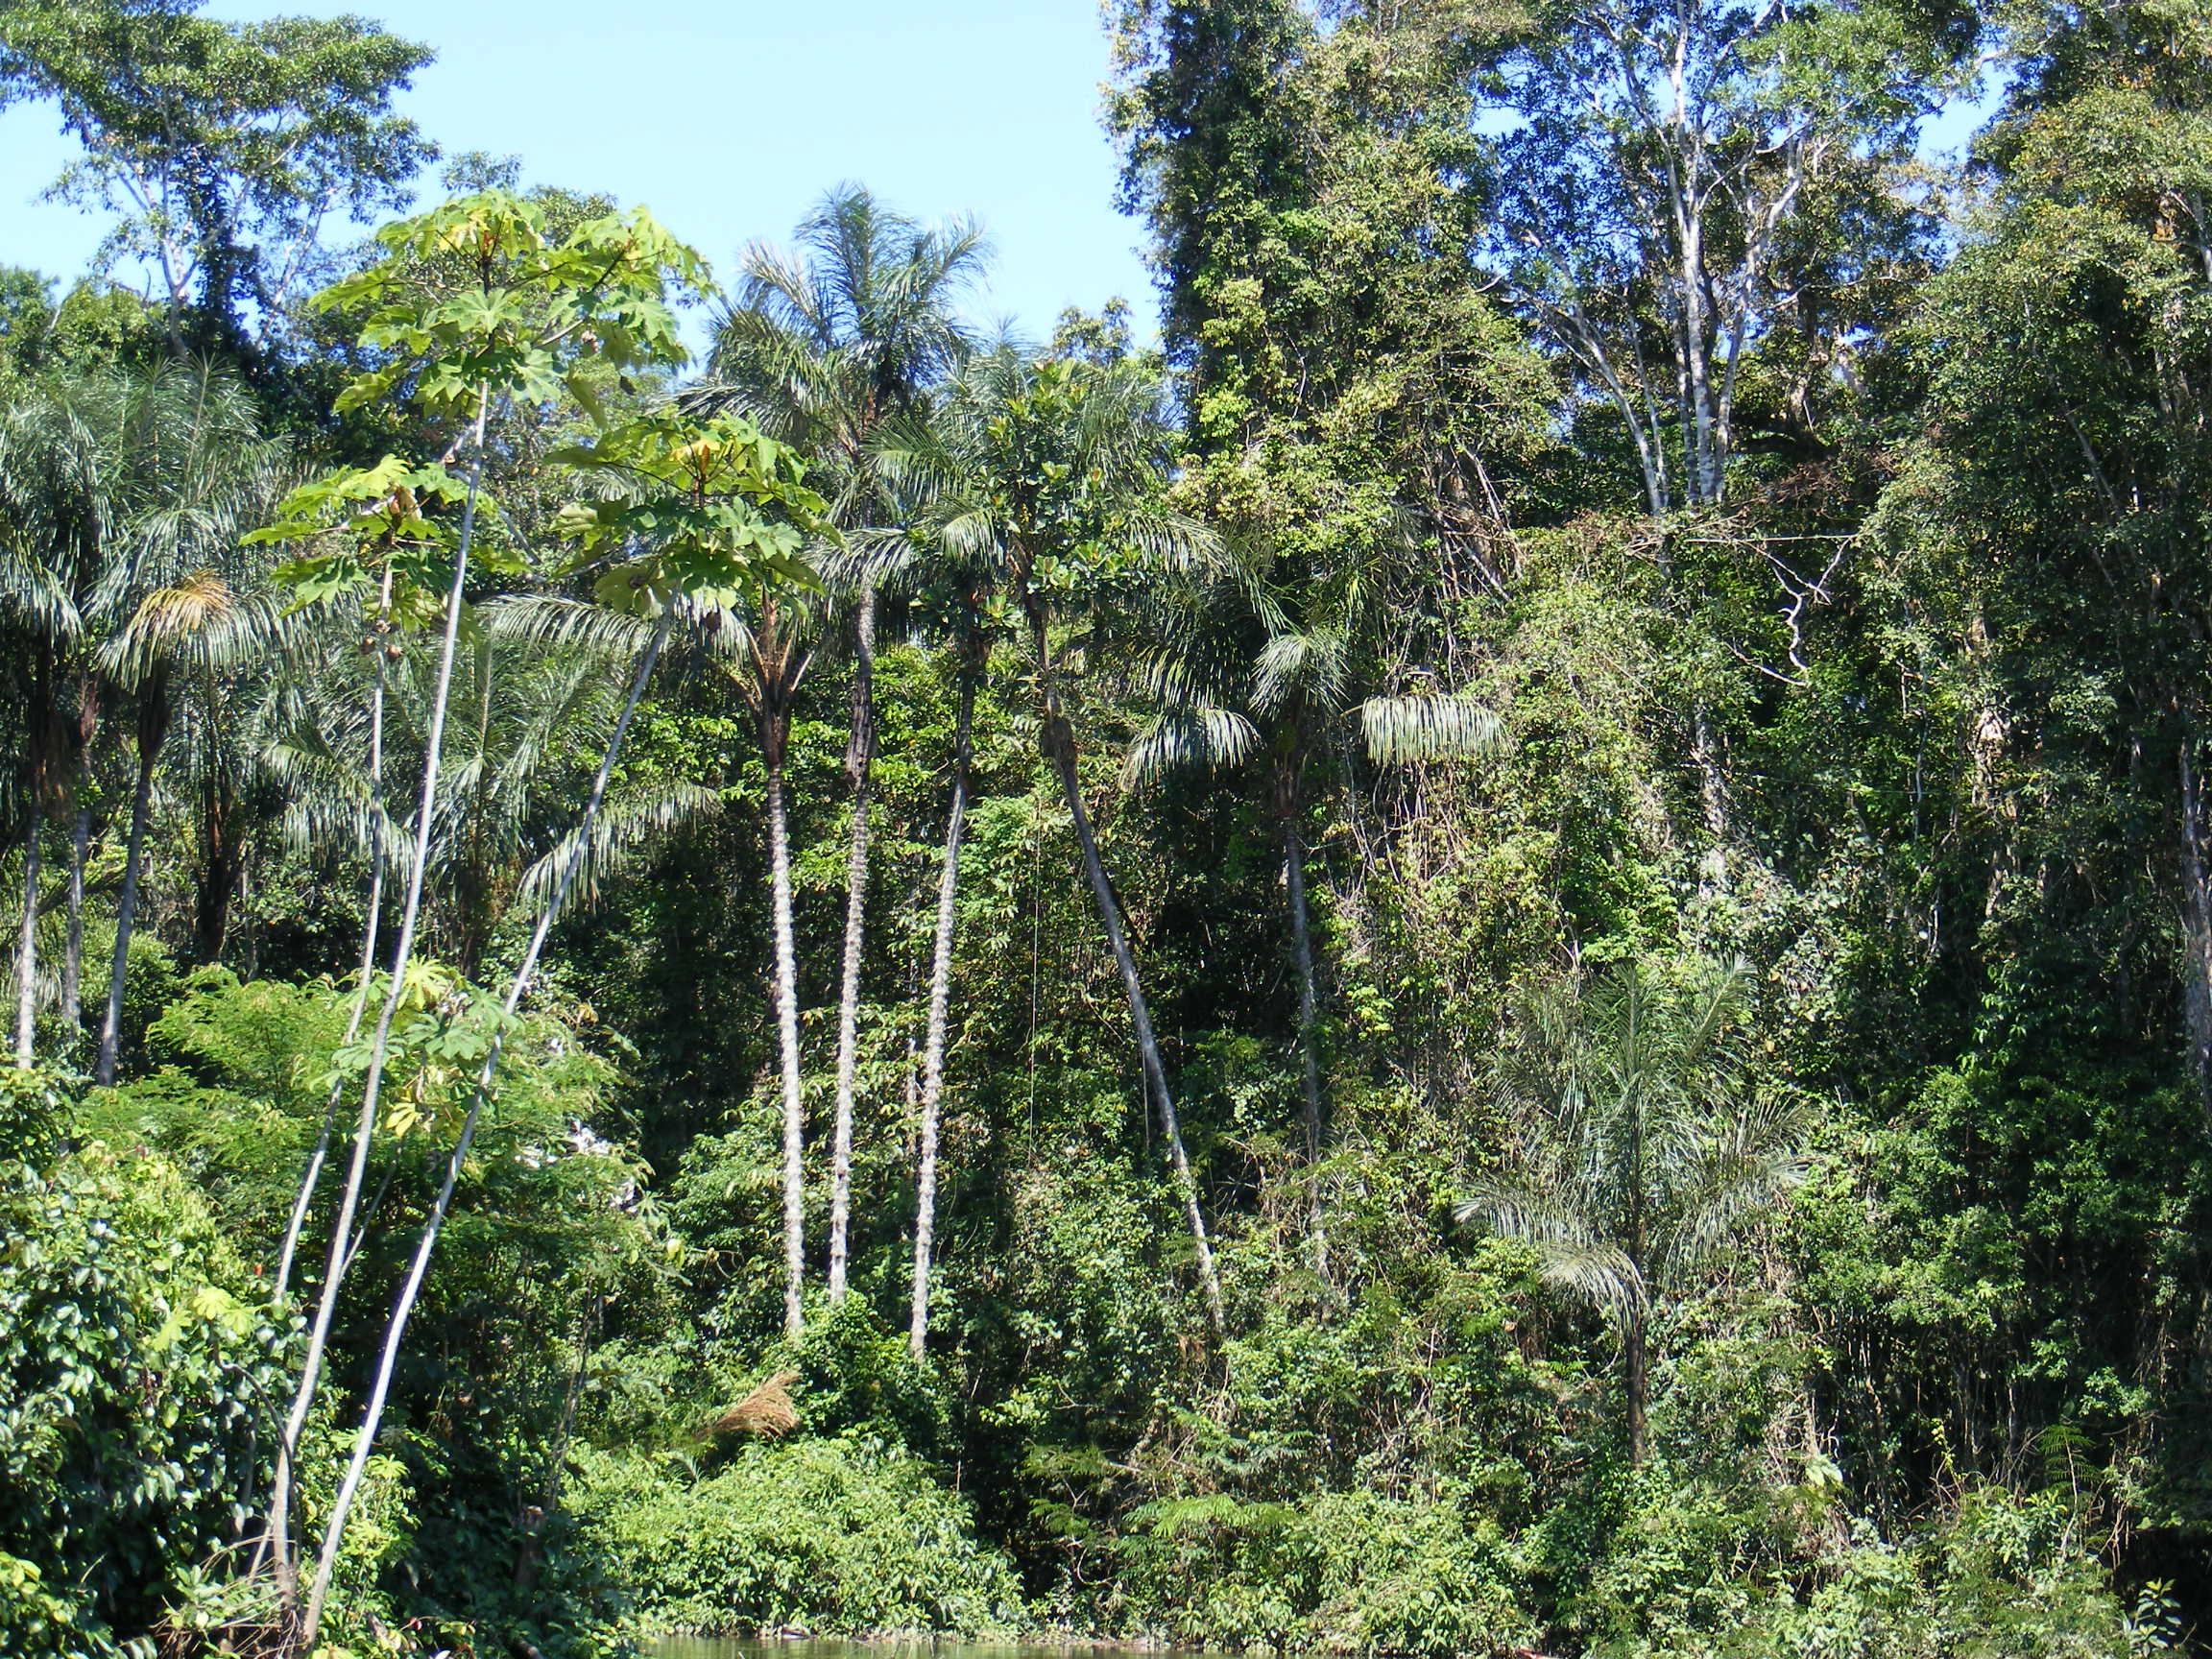 Plantas De Selva Alta: 15 Fascinating Facts About The Amazon Rainforest